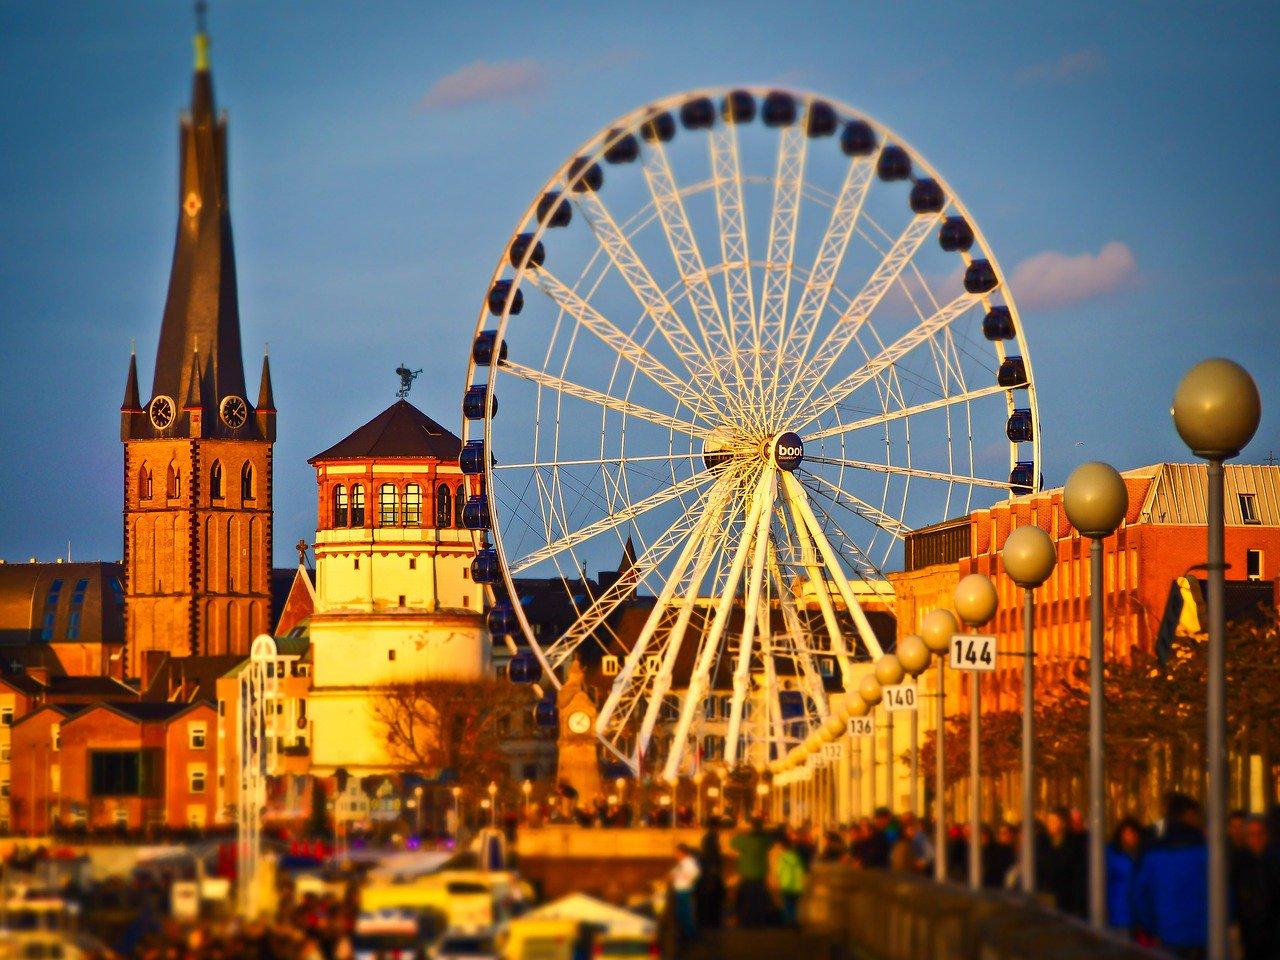 @Duesseldorf wird das erste Mal als Landeshauptstadt in britischen Papieren erwähnt. https://t.co/8VNHFgzvHA